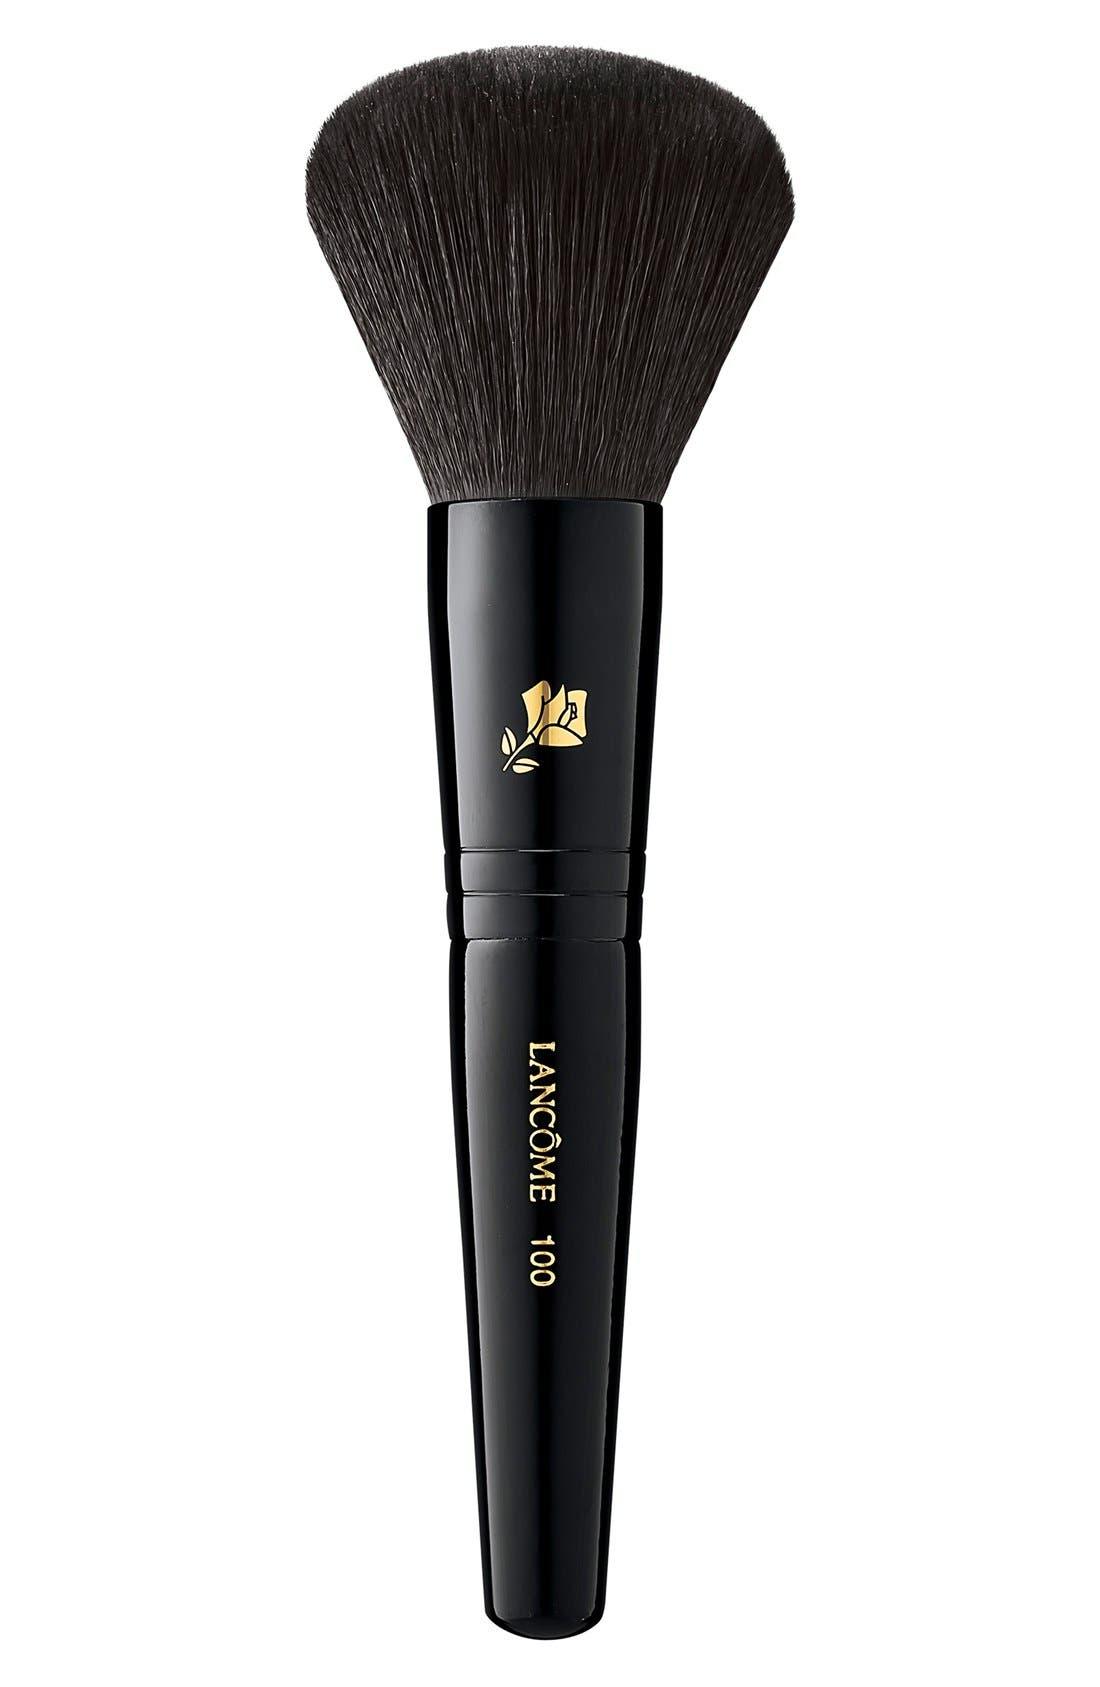 Lancôme Bronzer Mineral Brush